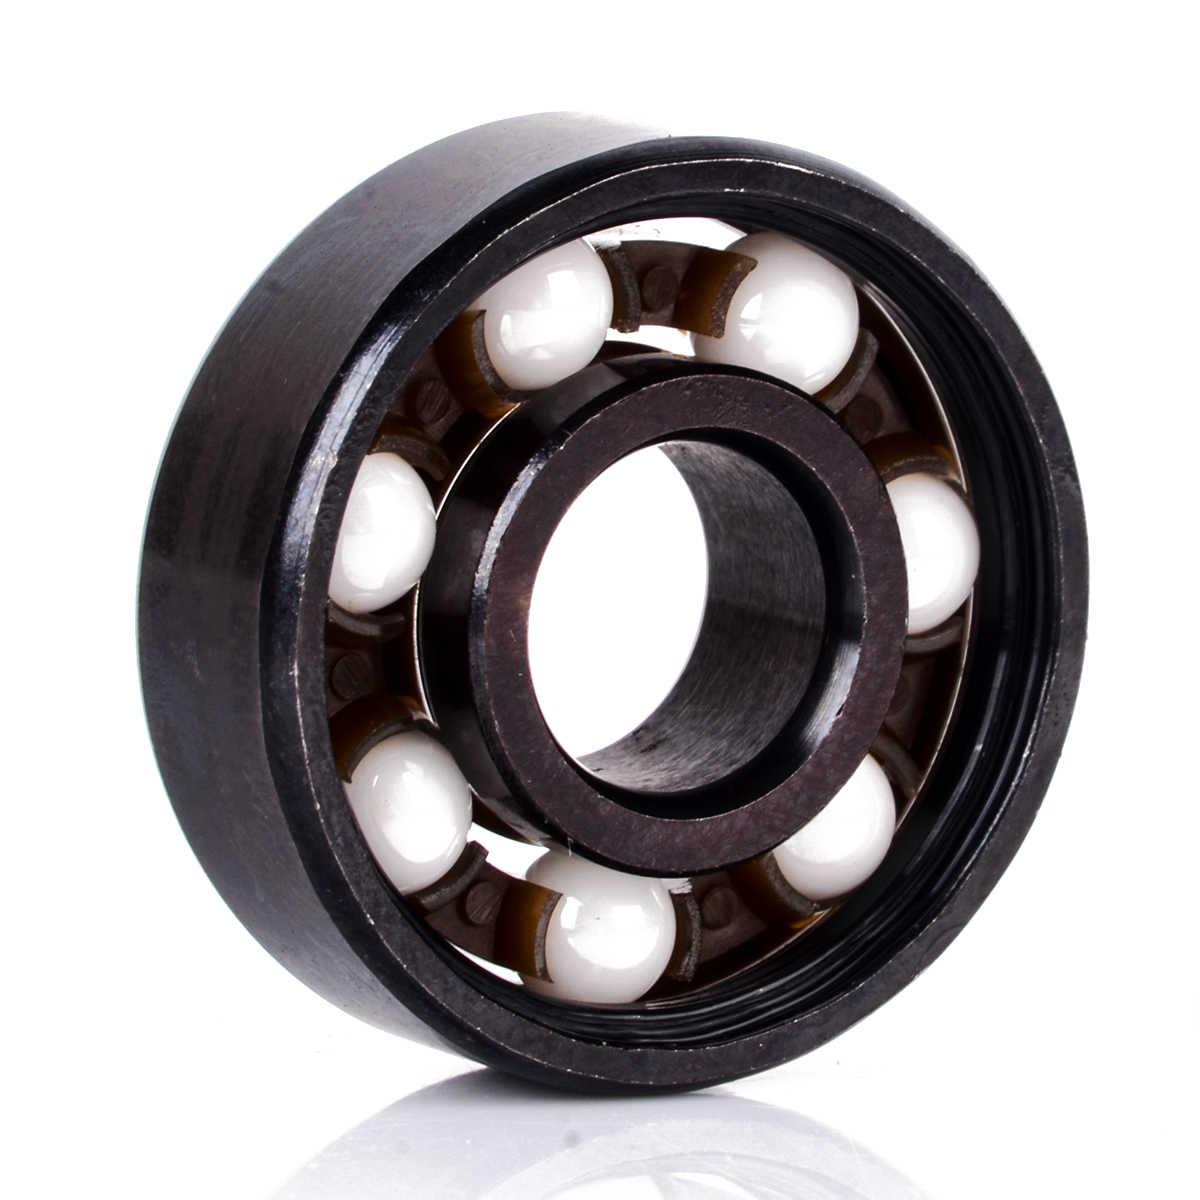 1х круглые мини-Подшипники скейтборда 608 керамические встроенные скорости шарикоподшипники аппаратные валы для пальцев ручной Спиннер скейтборд